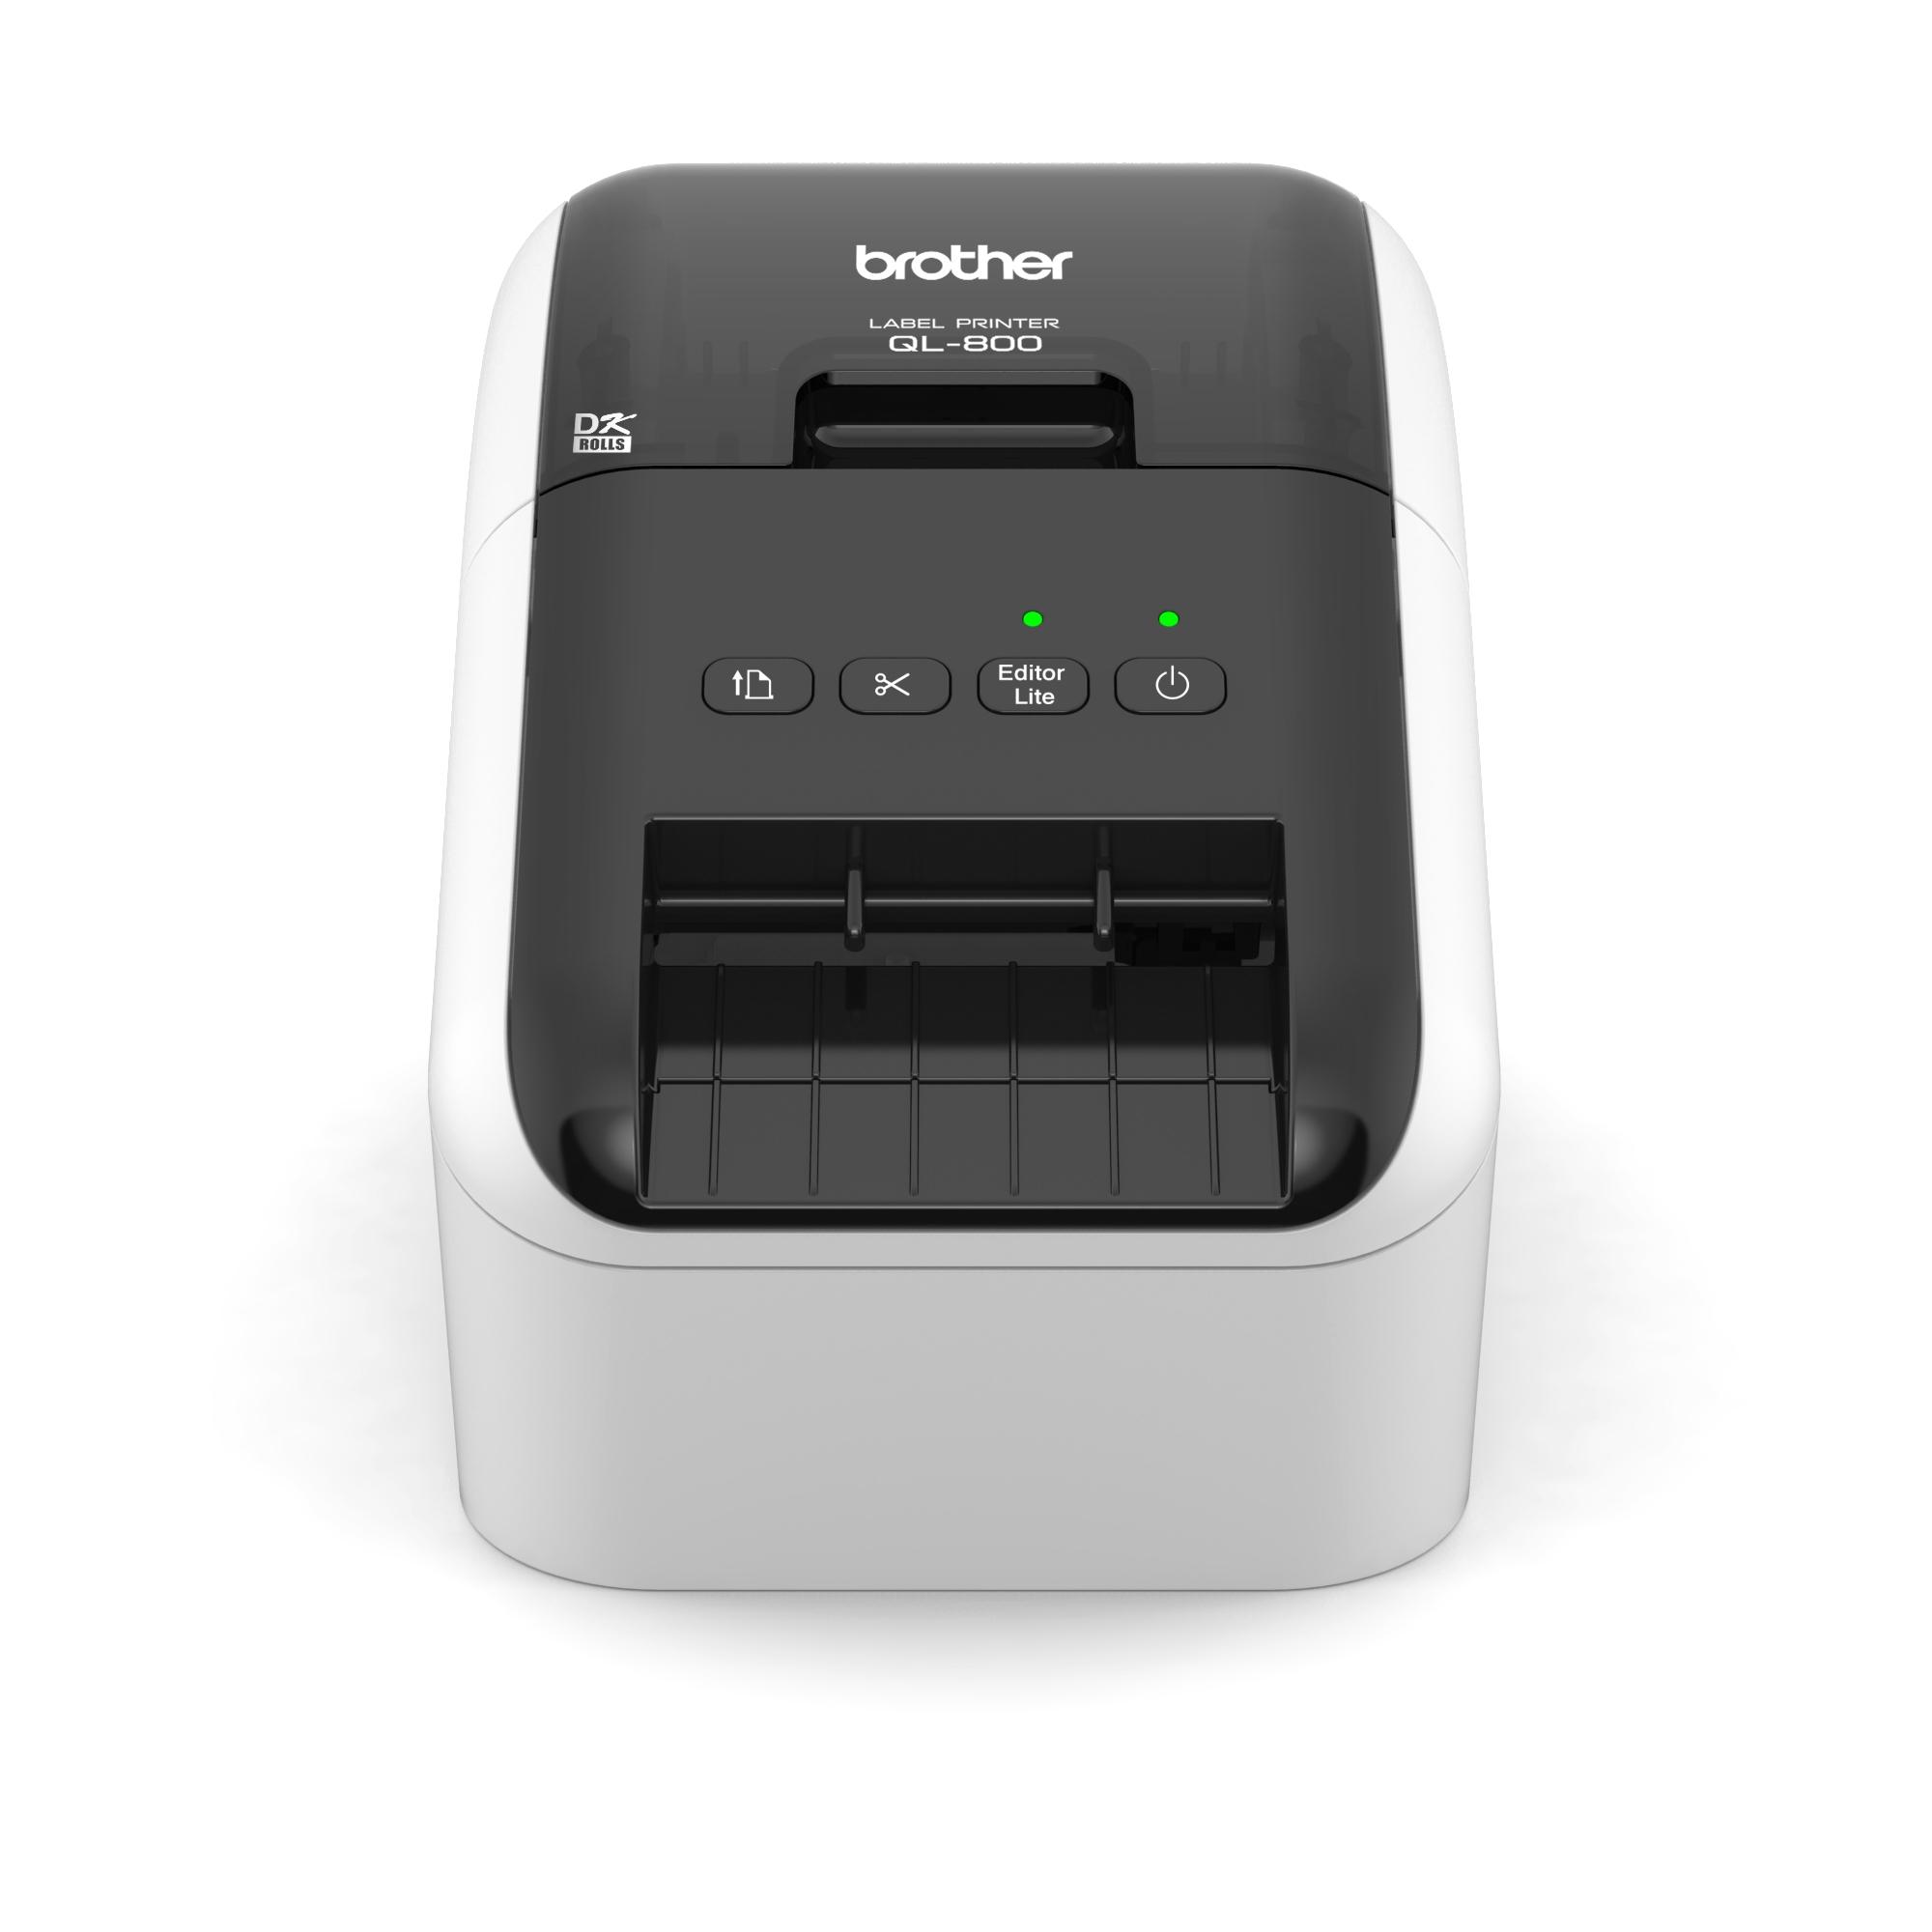 QL-800 stampante per etichette con USB 2